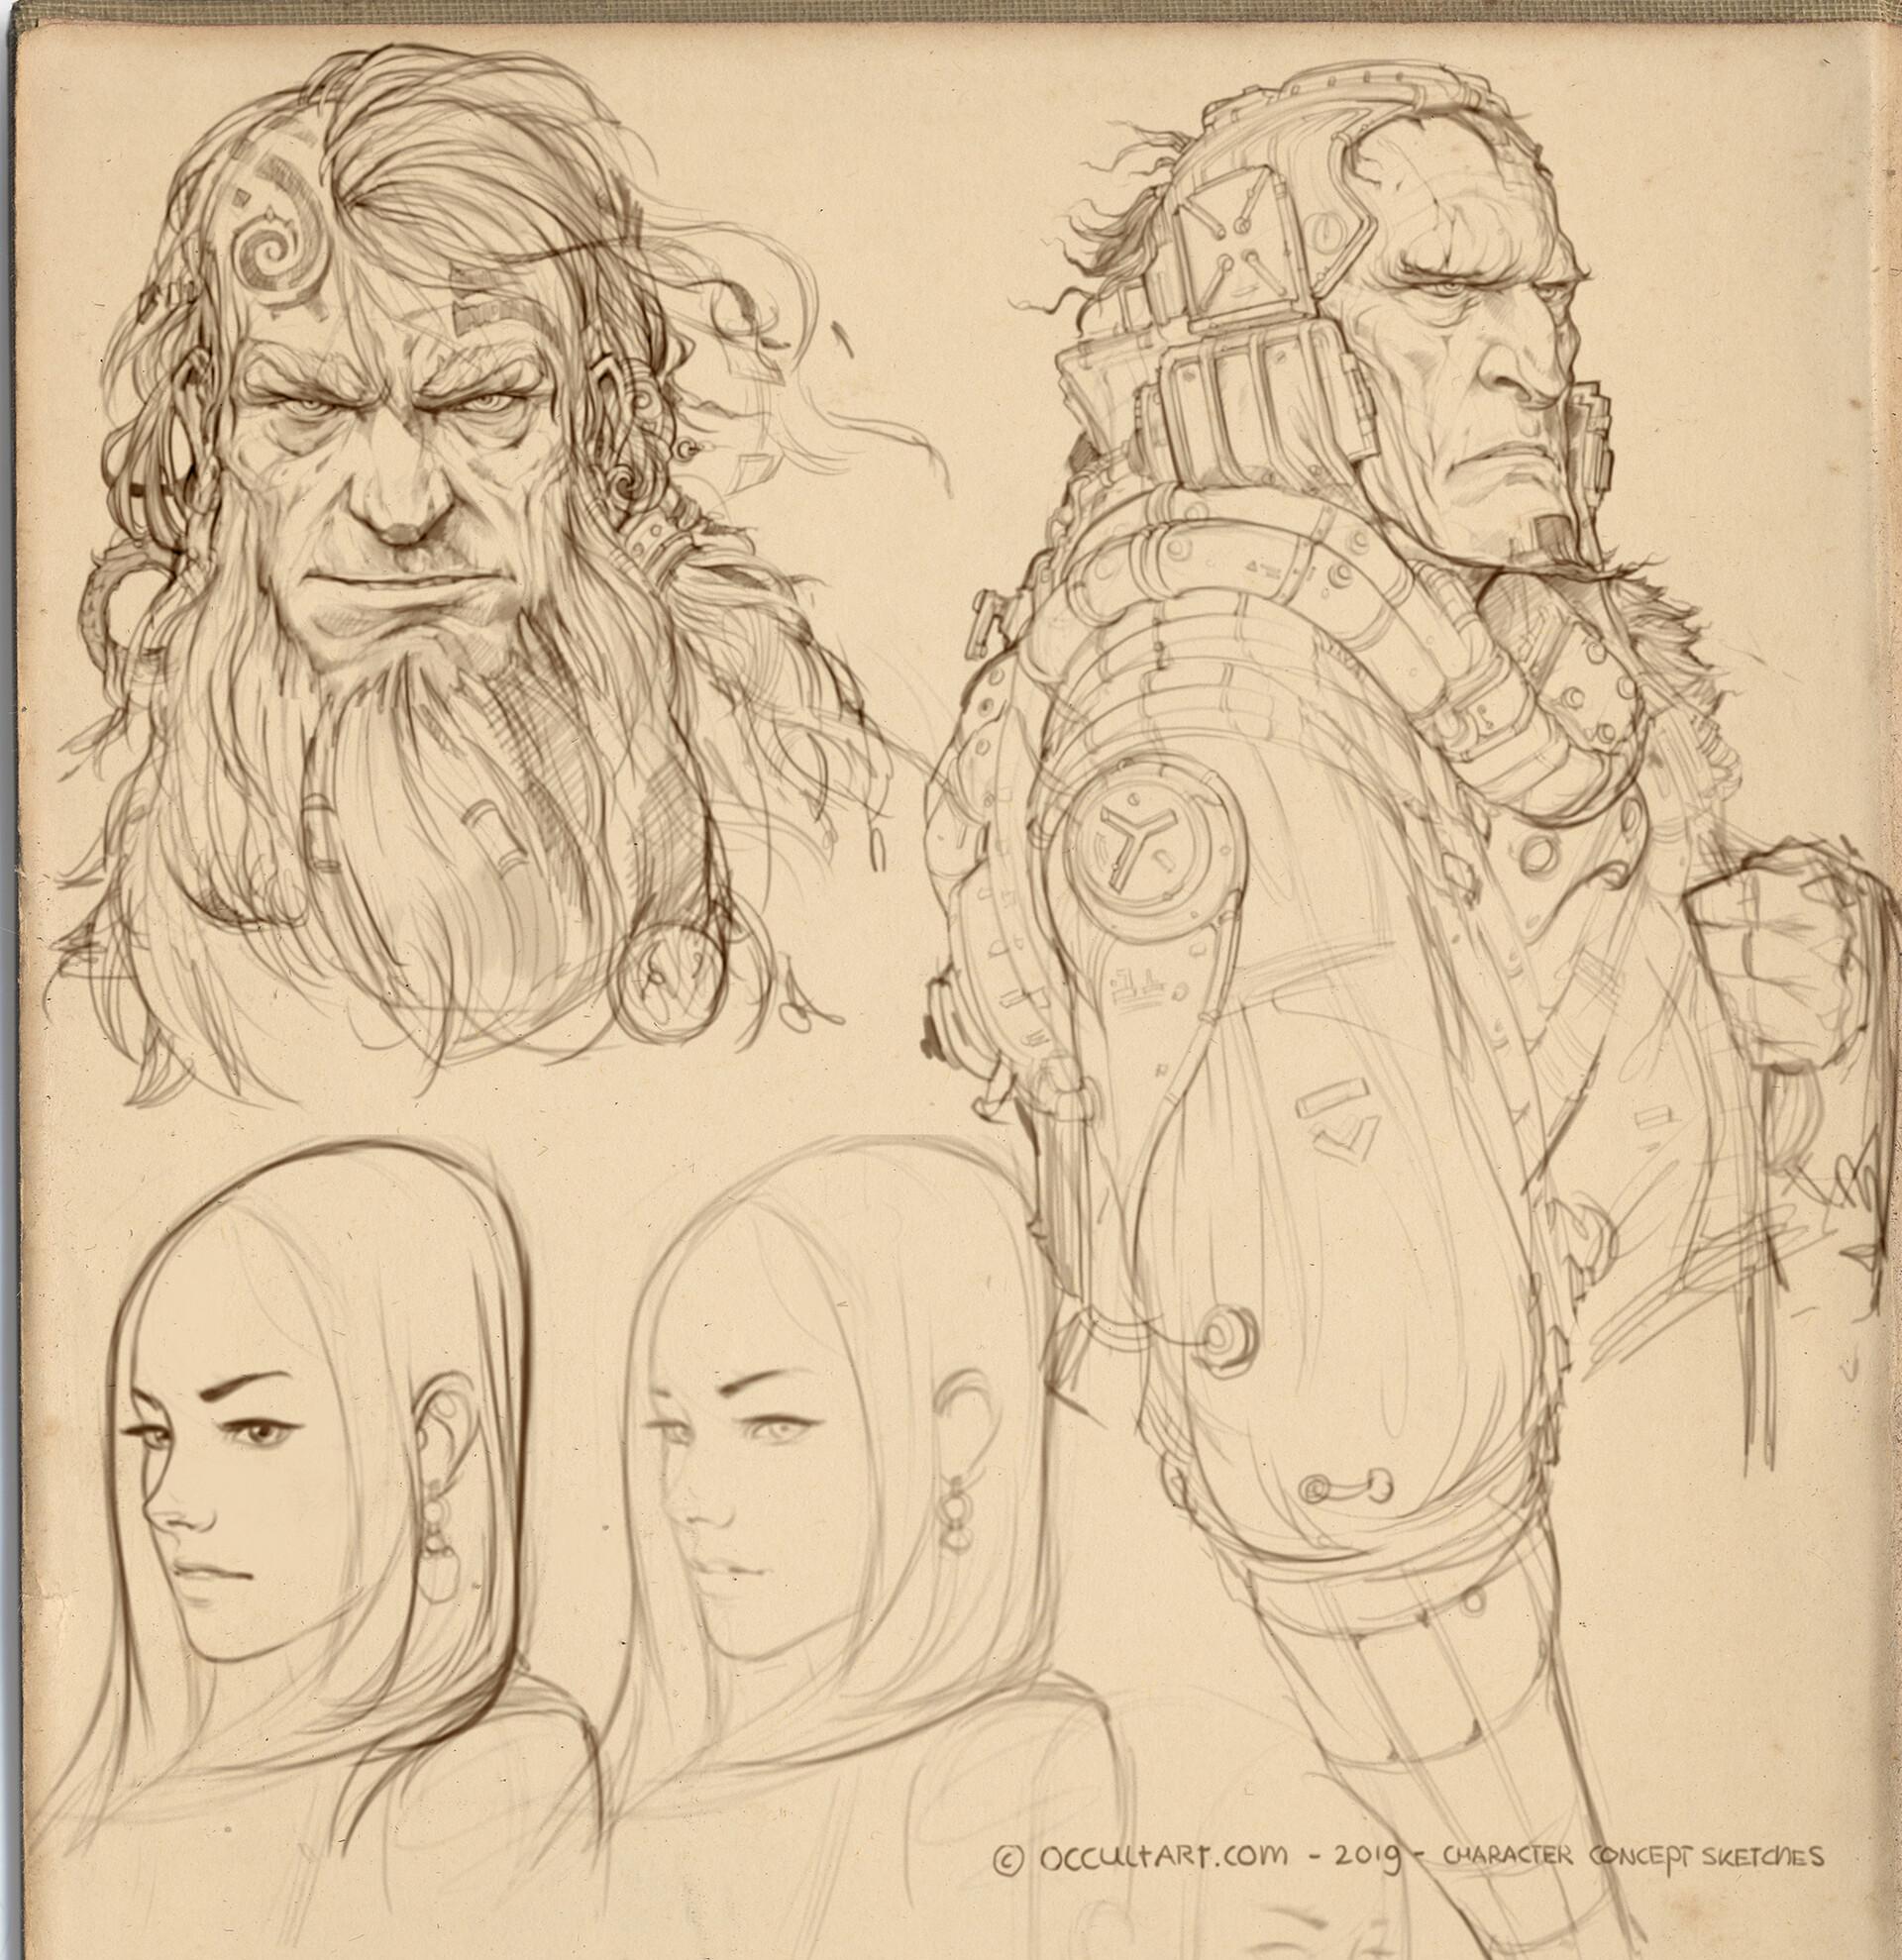 Occultart   concept sketches a01 006